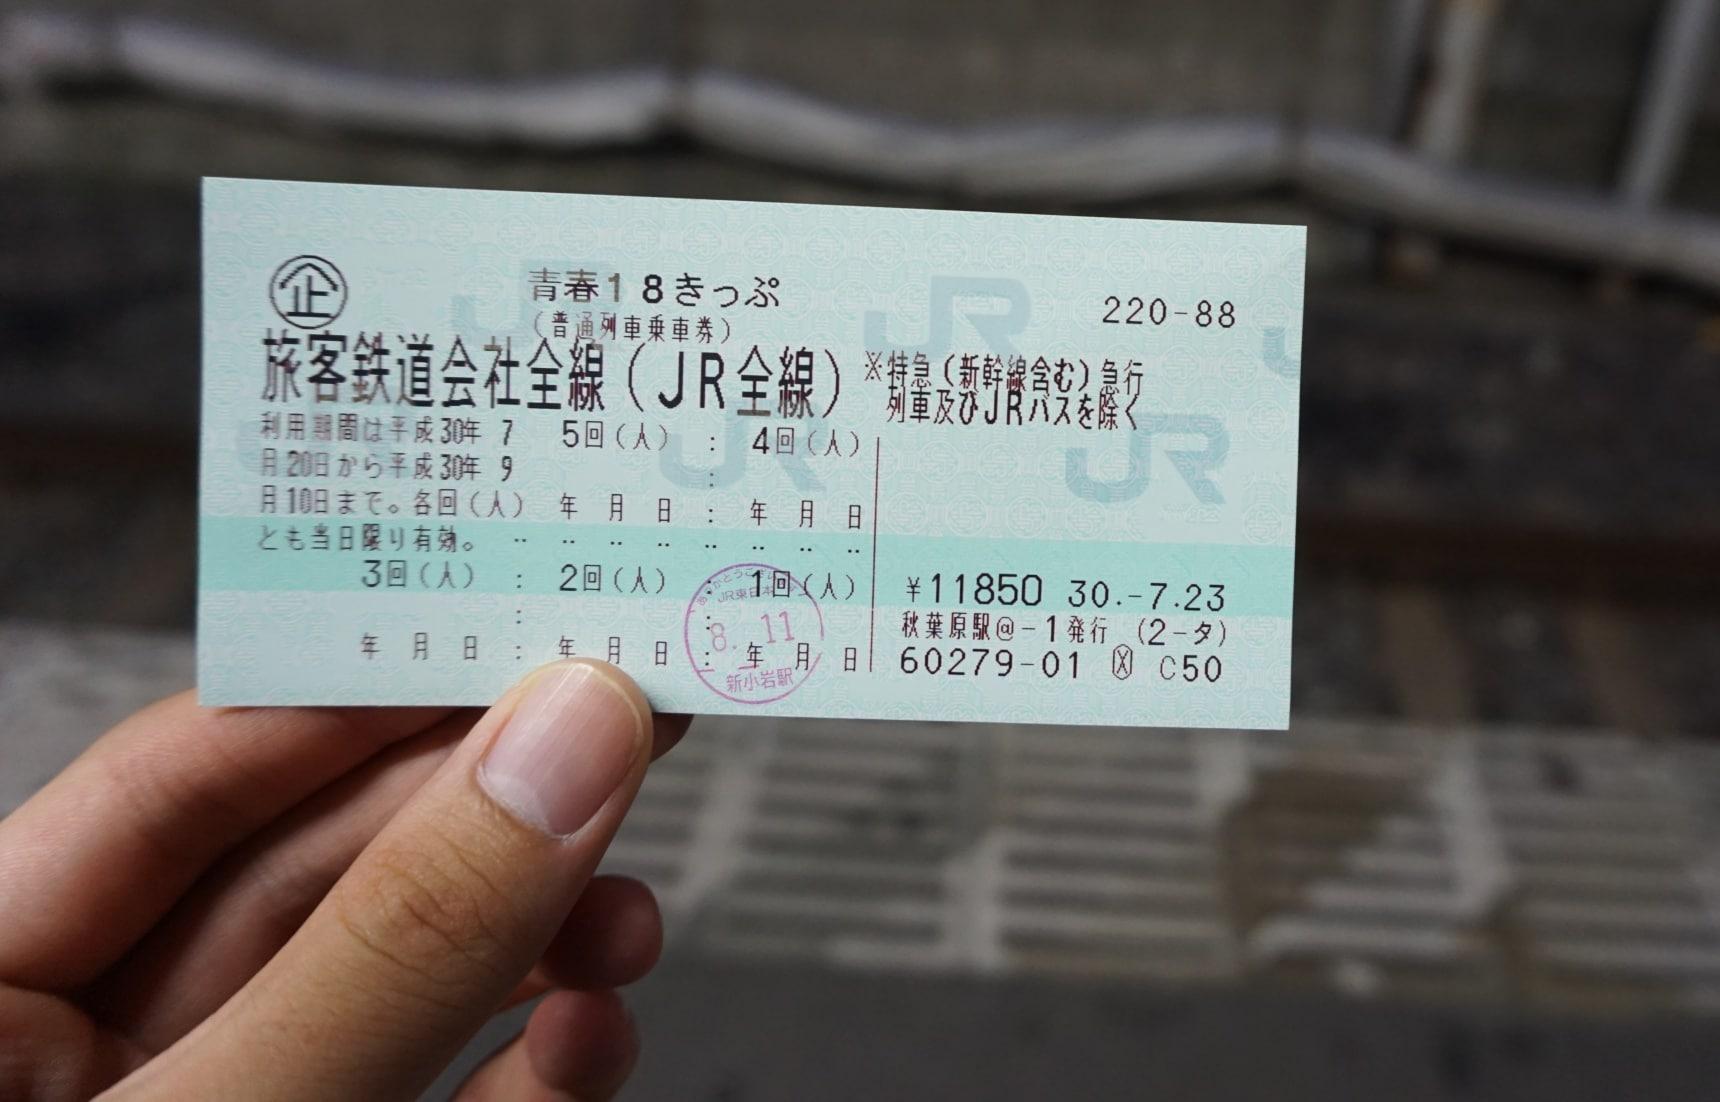 เที่ยวญี่ปุ่นสุดประหยัดด้วยตั๋ว Seishun 18